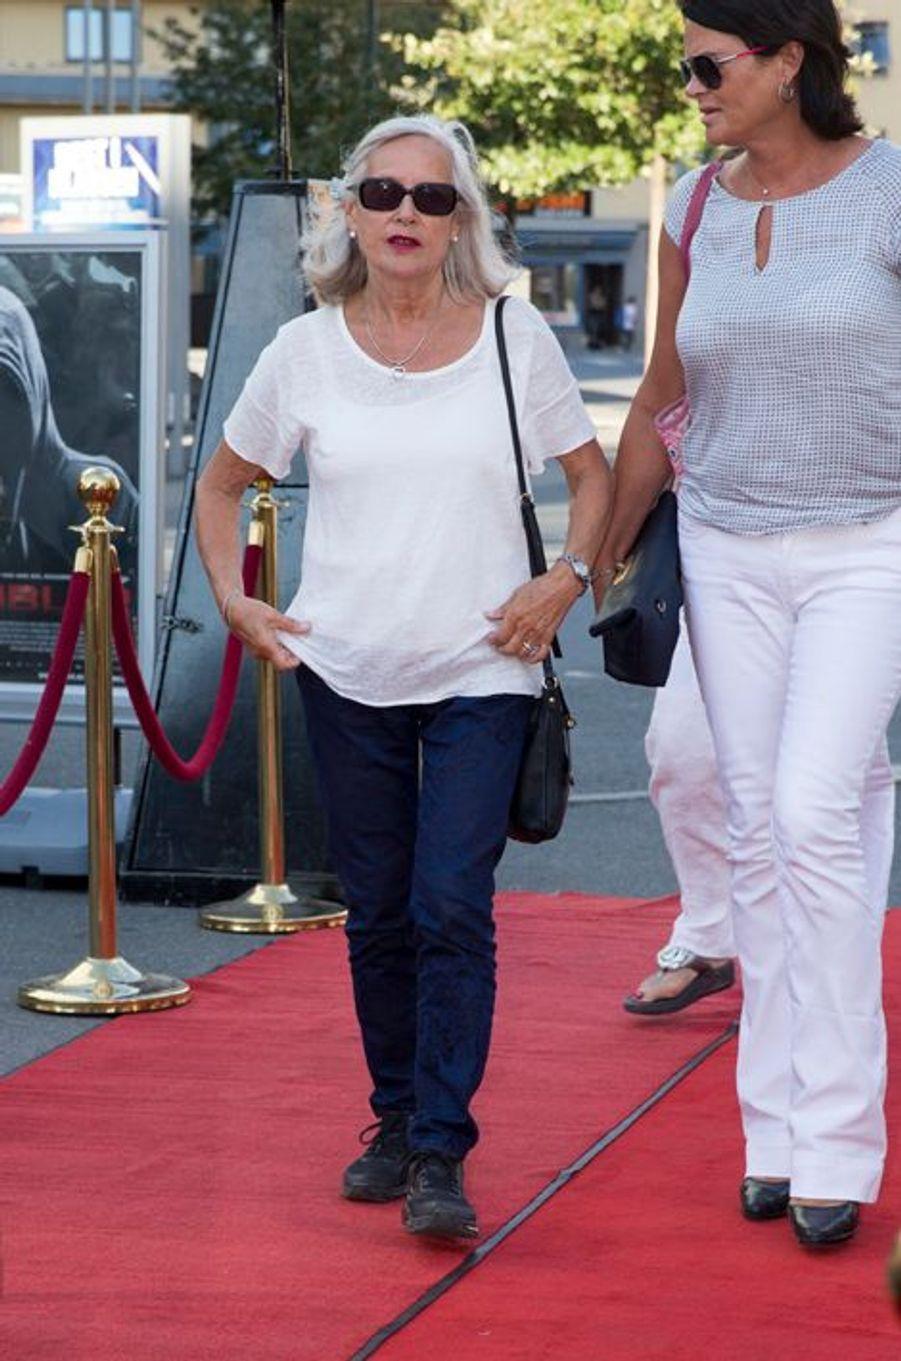 Marit Tjessem et Kristin Hoiby, la mère et la sœur de la princesse Mette-Marit au Colosseum Kino à Oslo, le 20 août 2015